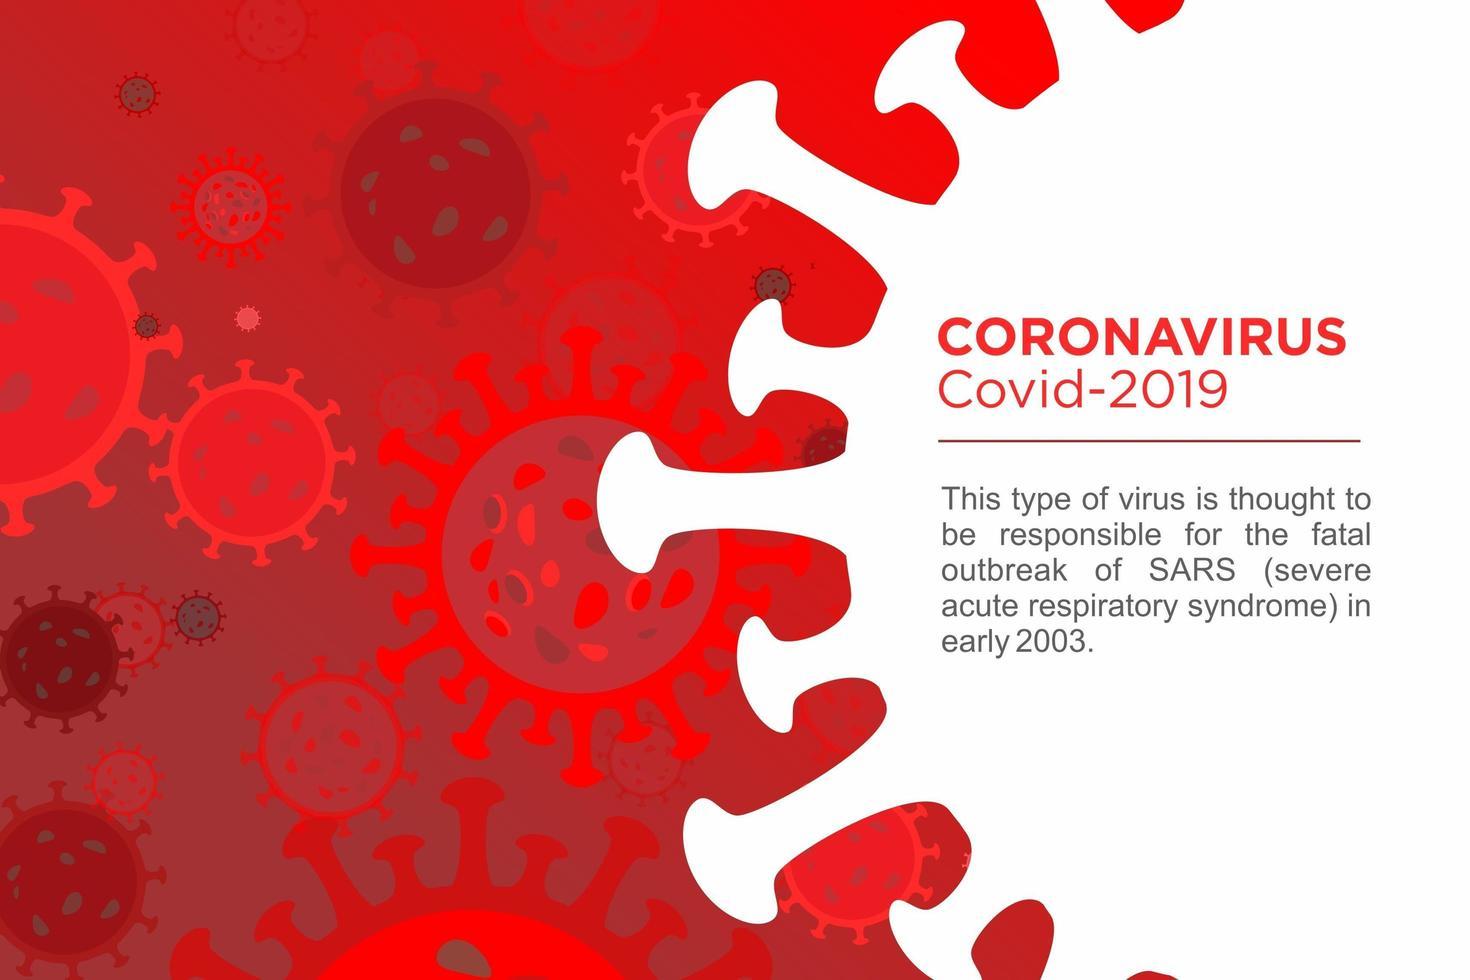 modelo de design vermelho doença coronavírus vetor